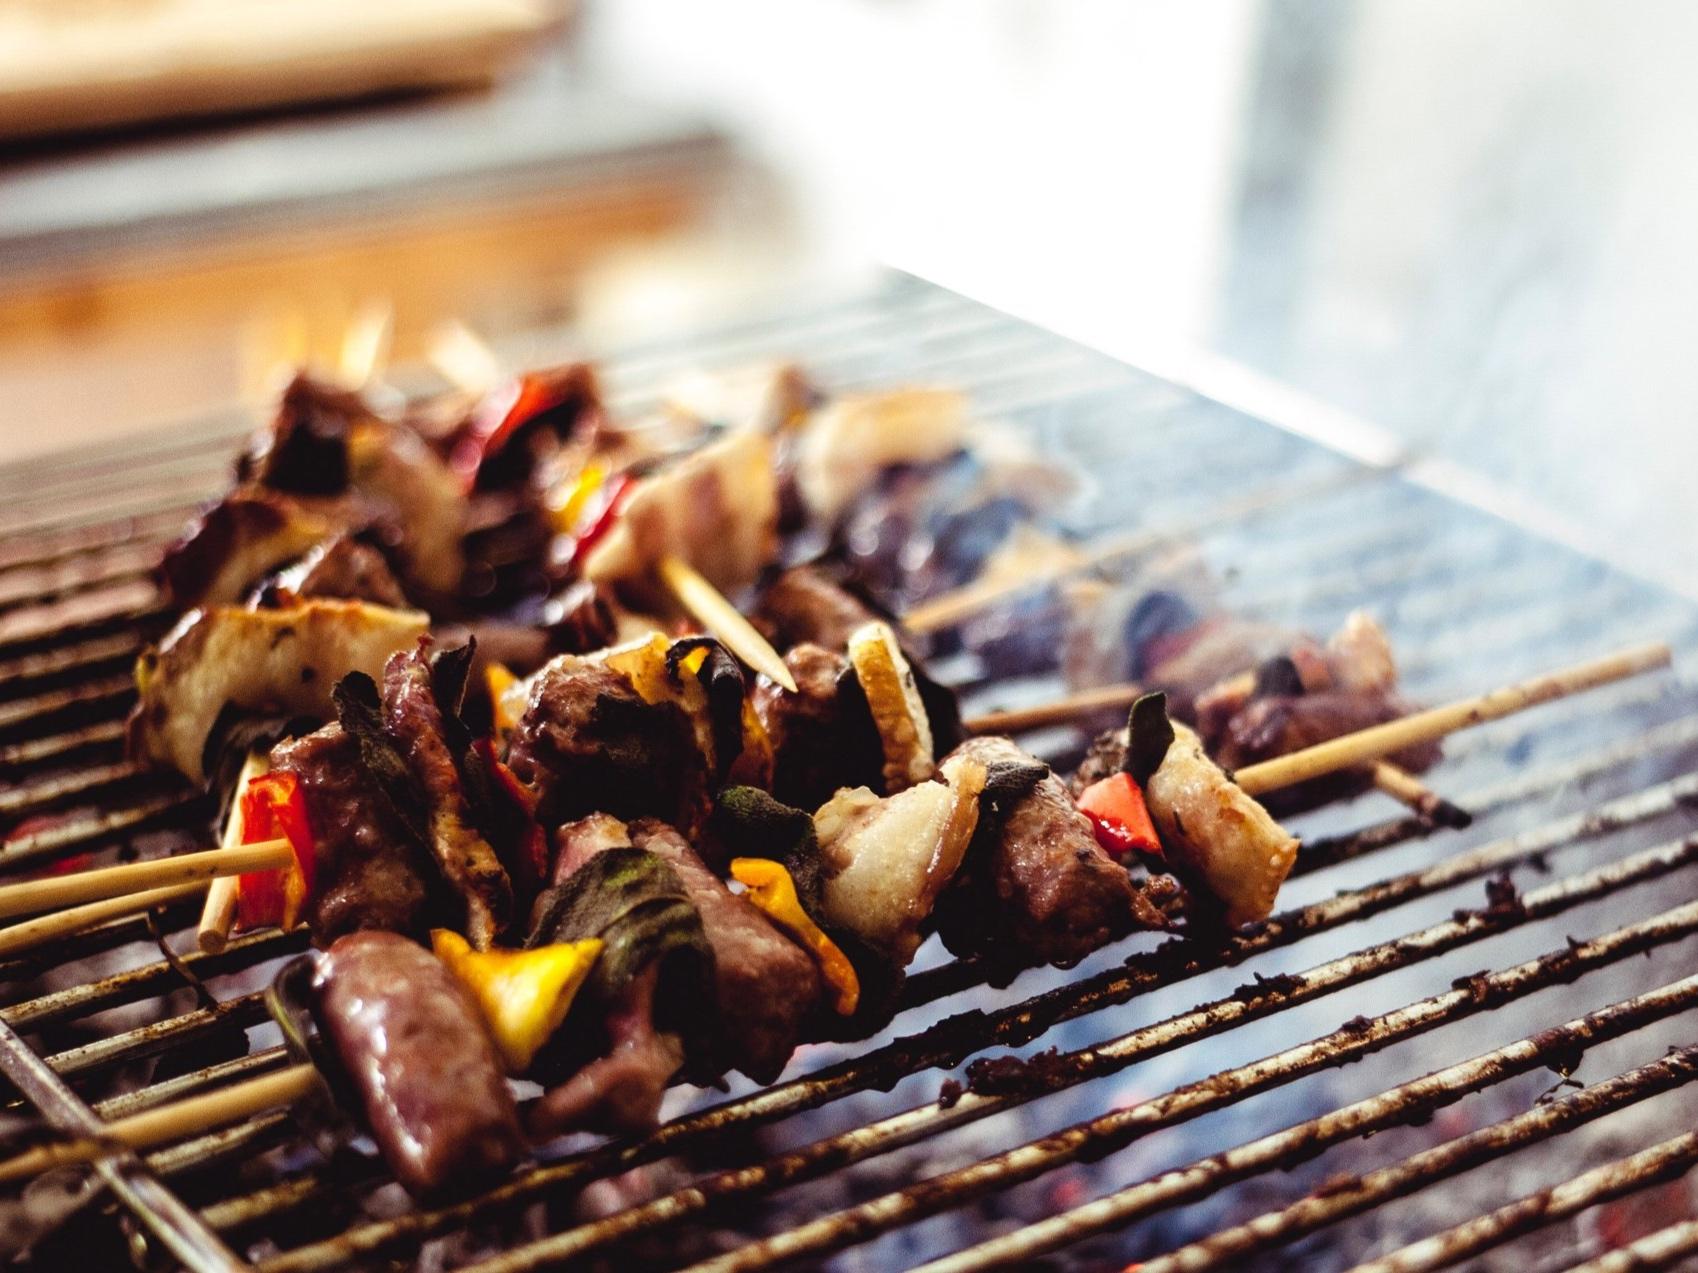 barbecue-blur-charcoal-604660.jpg